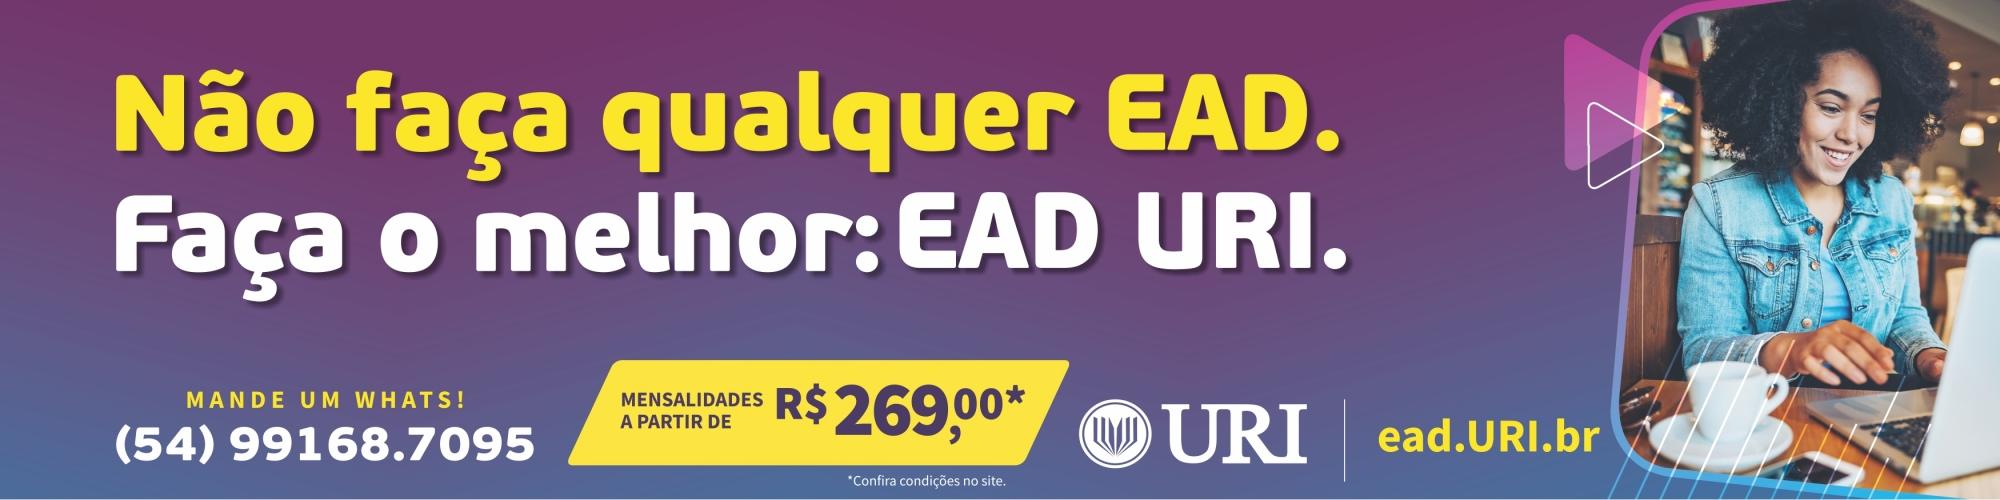 EAD URI